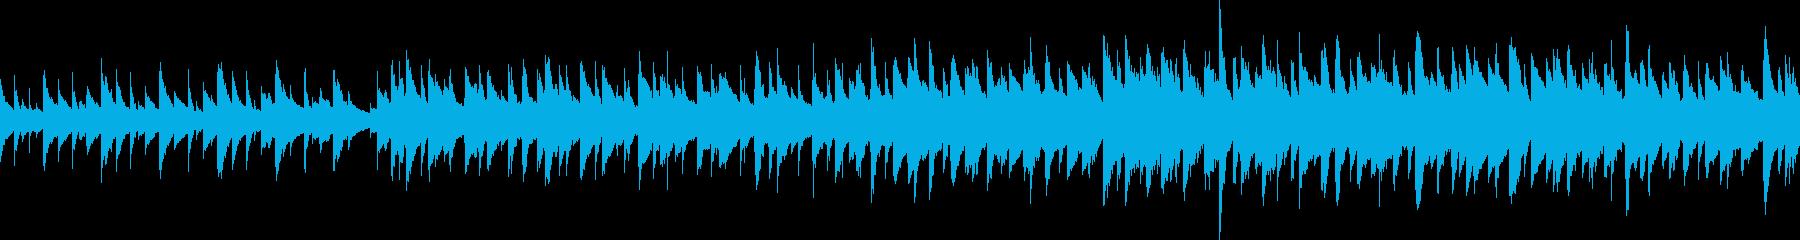 ほんわかカントリー (ループ仕様)の再生済みの波形